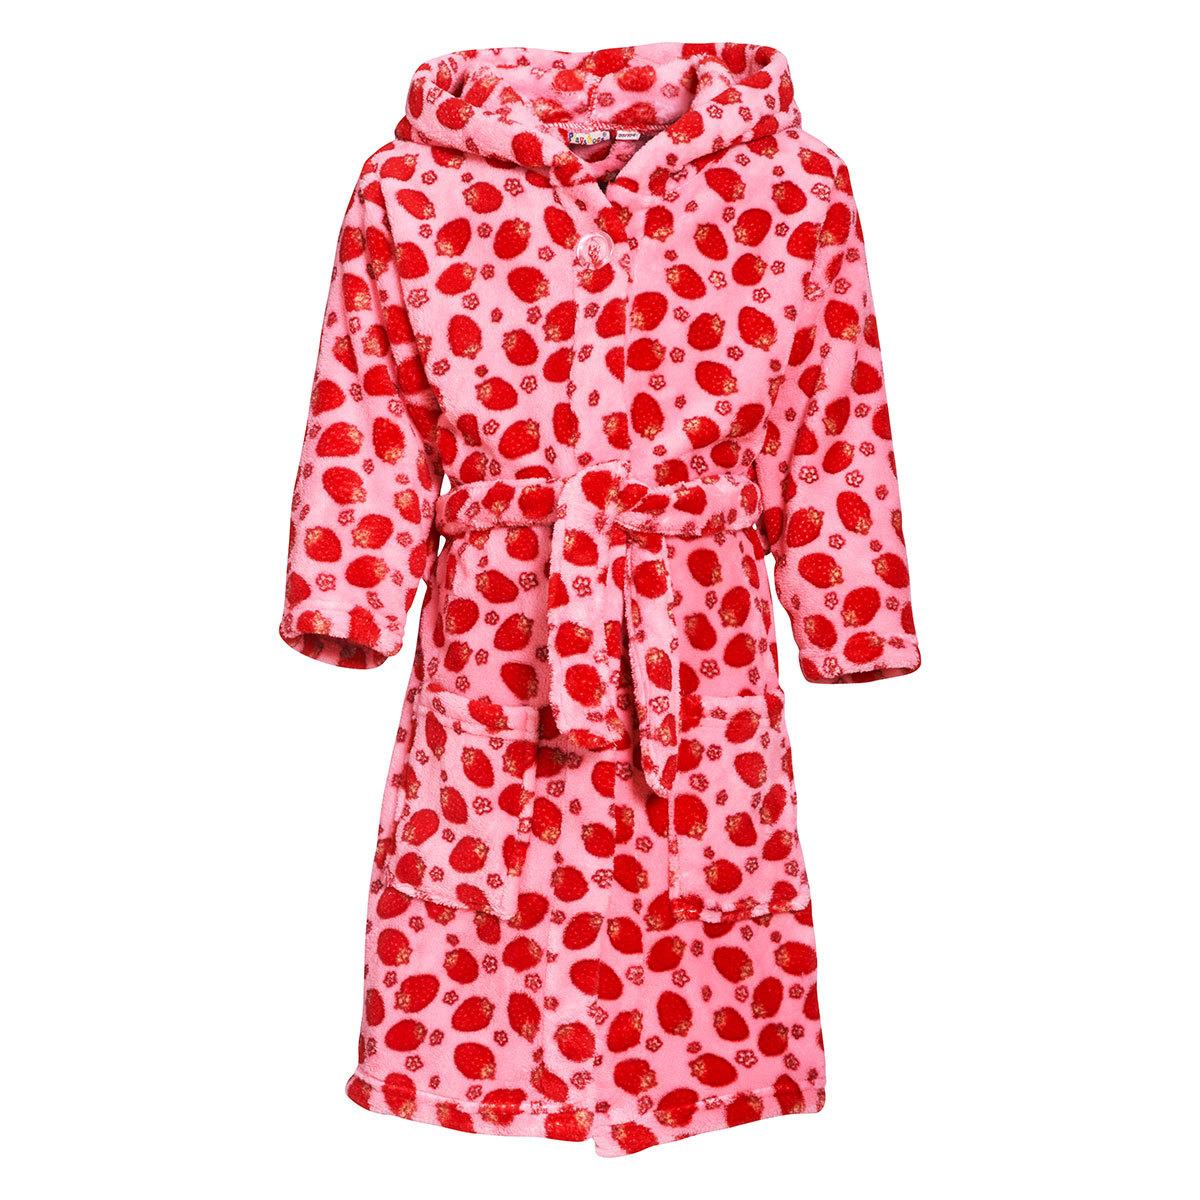 playshoes kinder fleece bademantel erdbeeren rosa g nstig online kaufen bei bettwaren shop. Black Bedroom Furniture Sets. Home Design Ideas